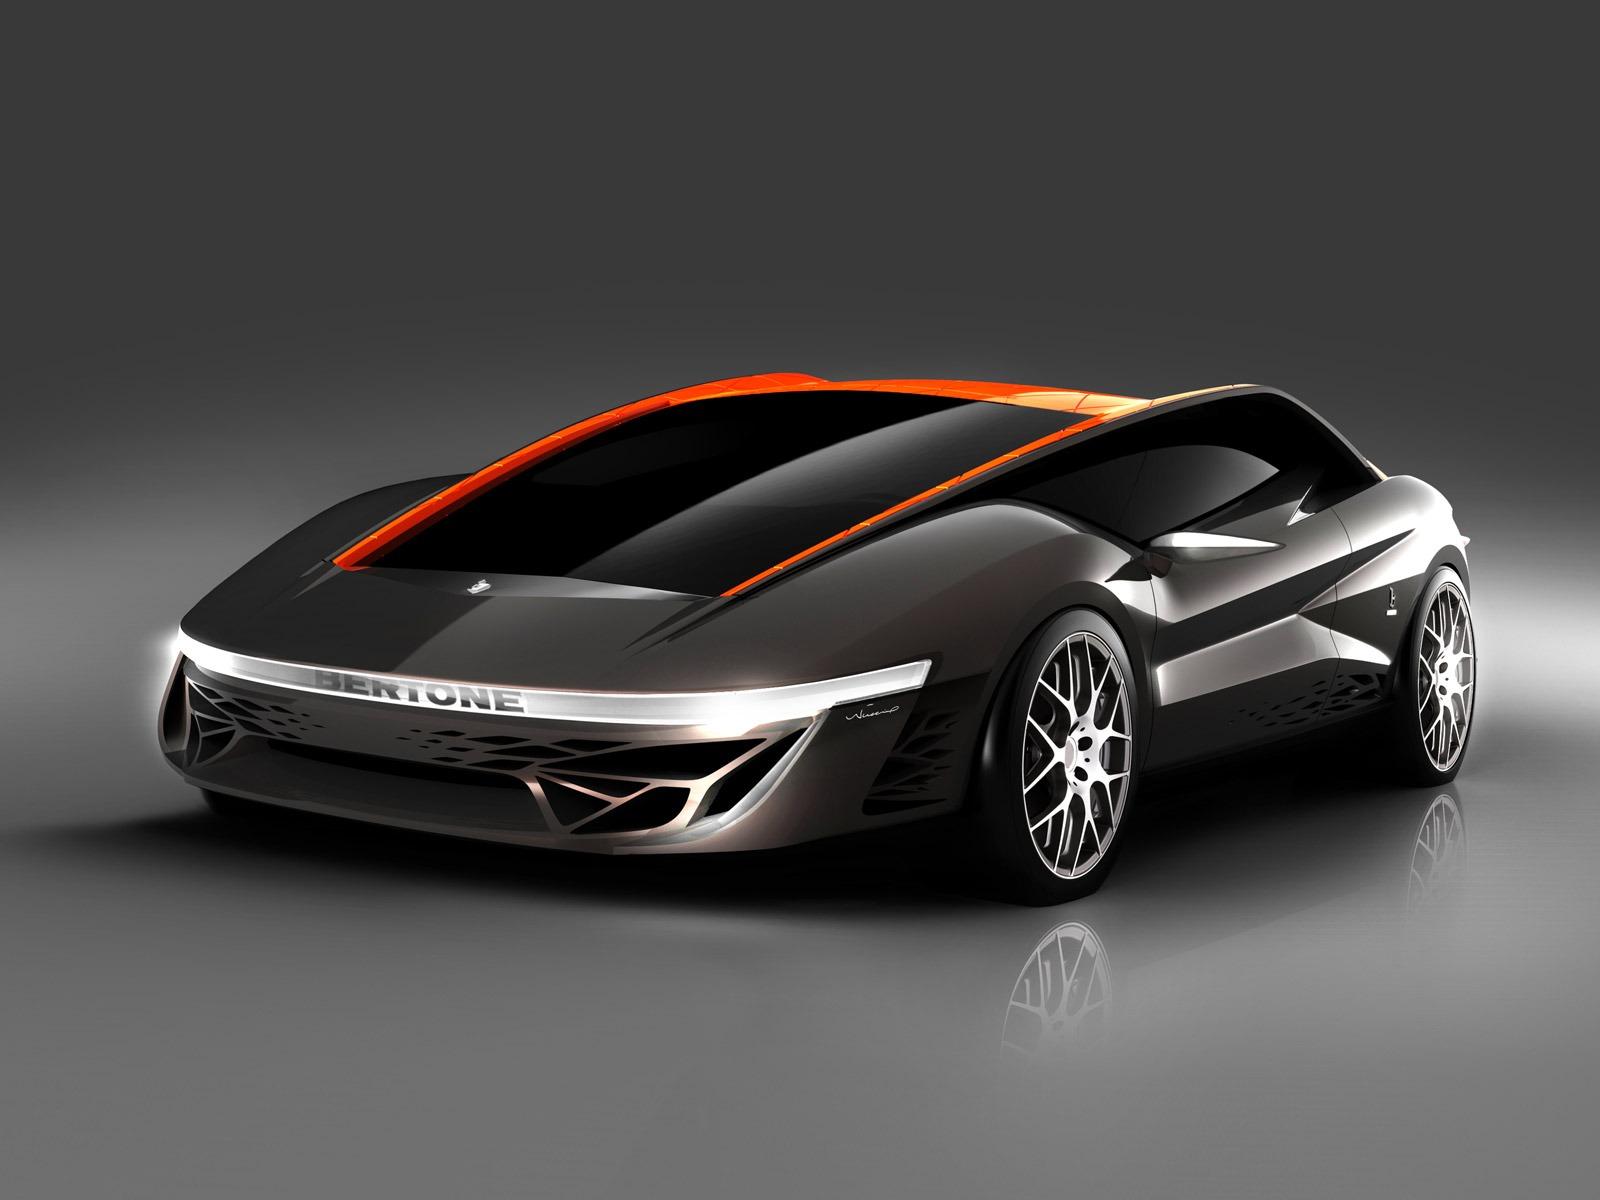 2012_Bertone_Nuccio_Concept_01_1